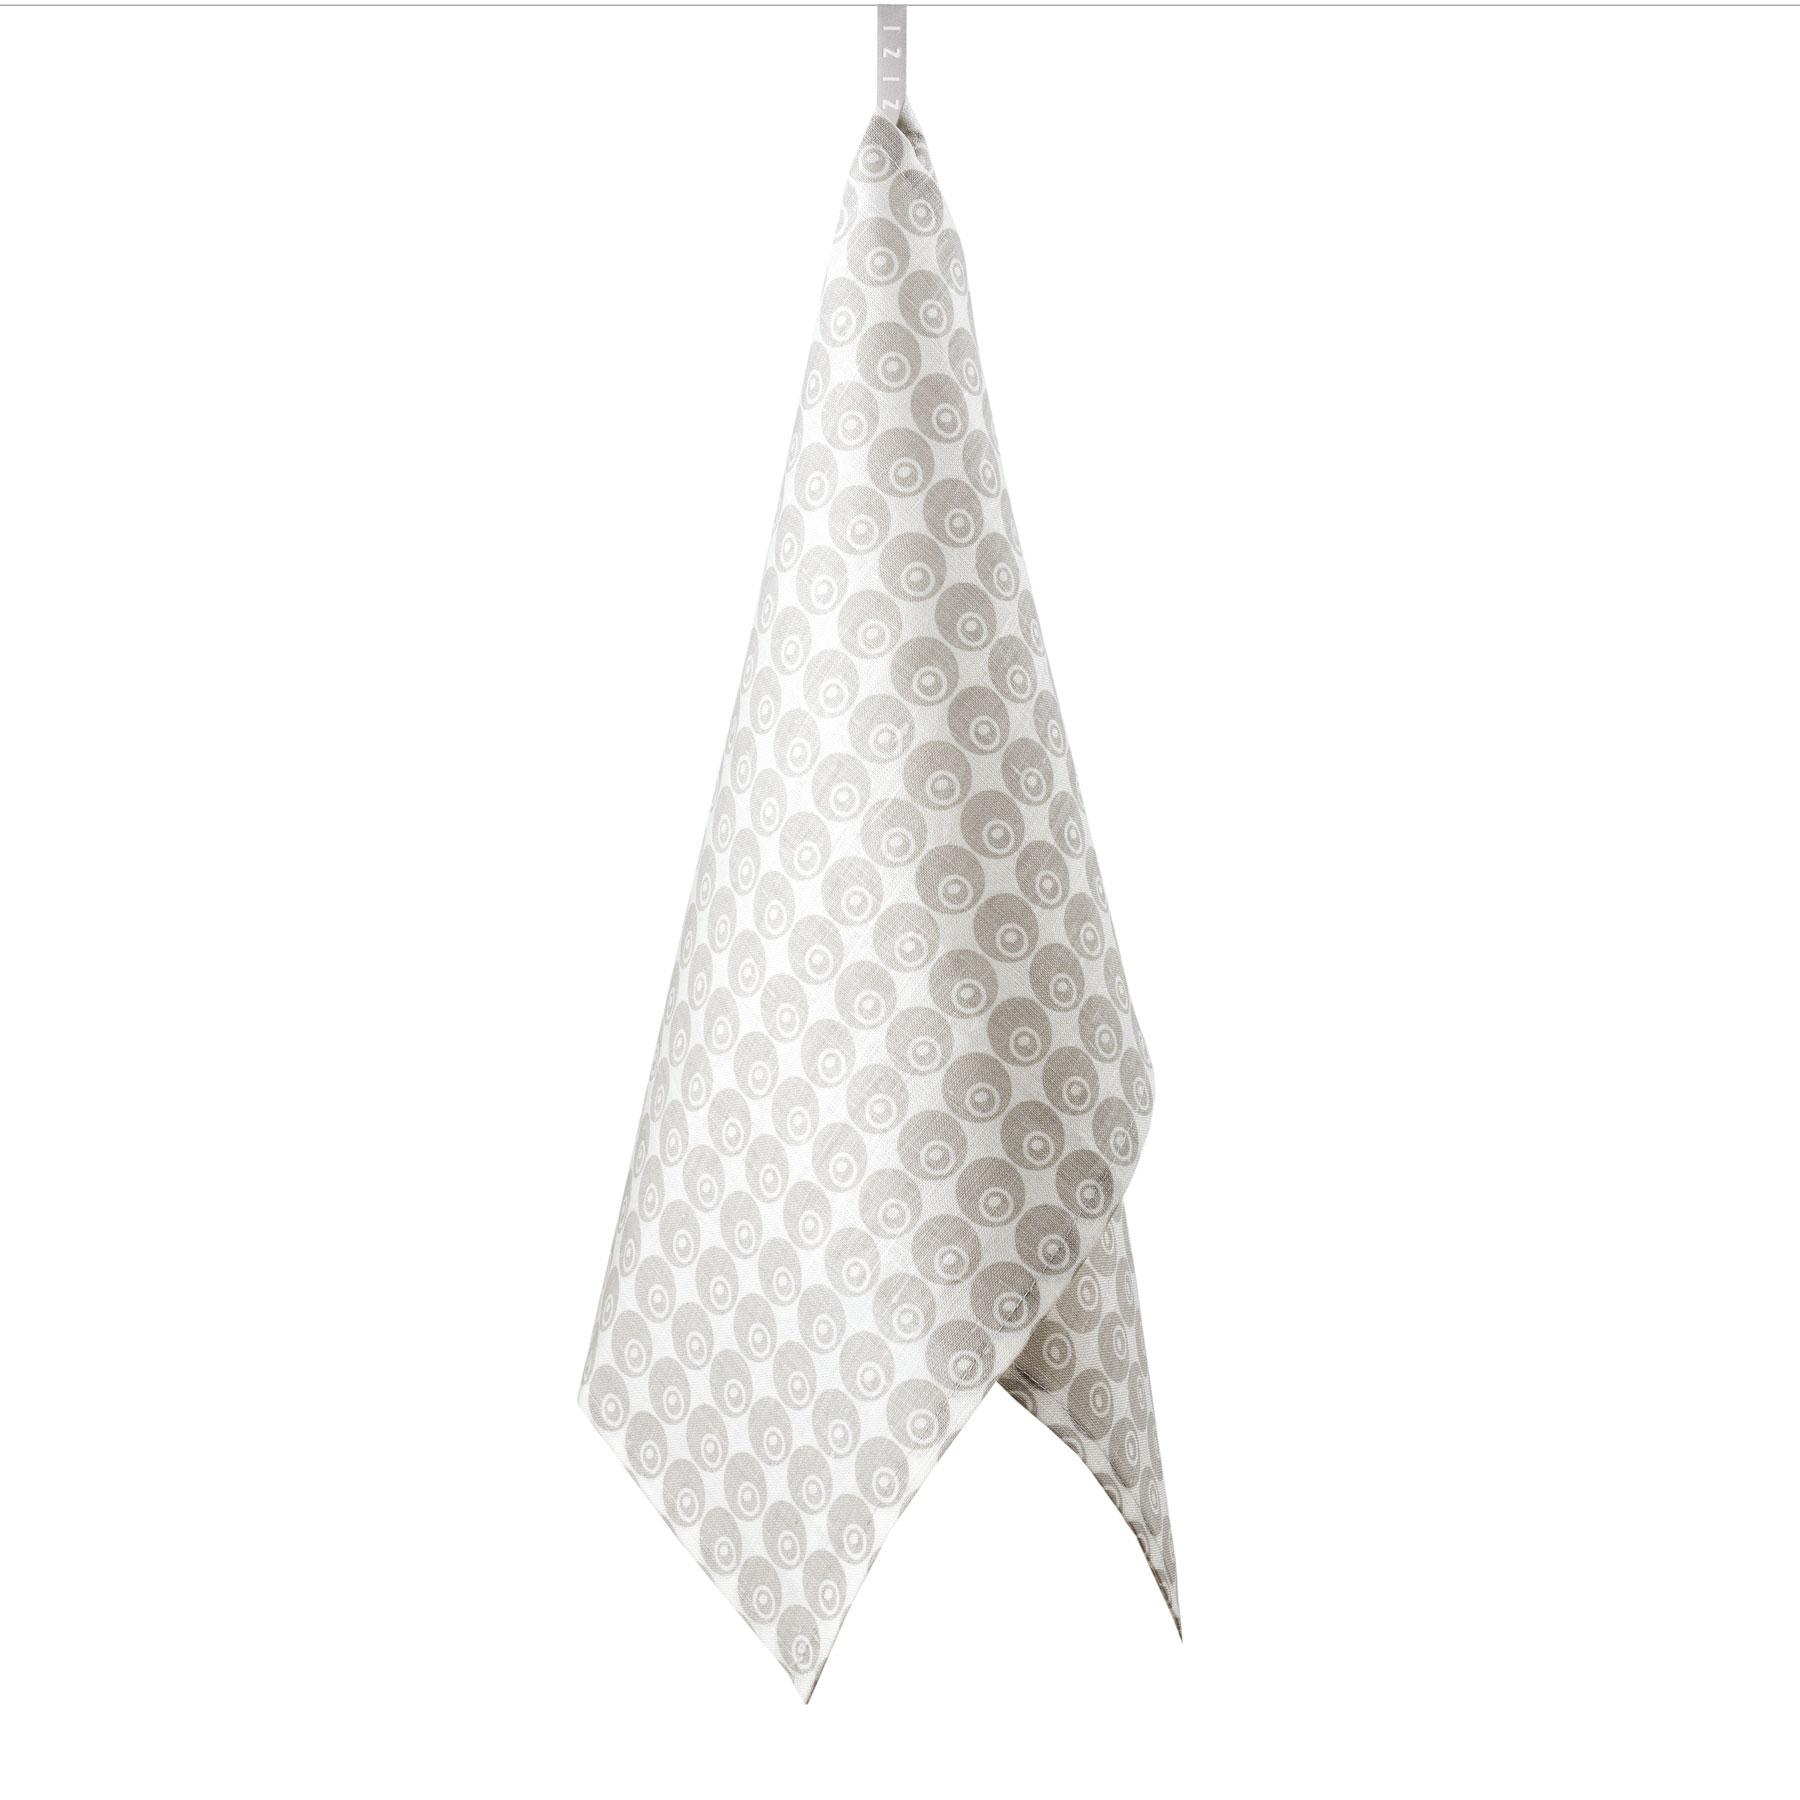 9eac28fe196 KÖÖGIRÄTIK BERRY light gray - ZIZI linased tekstiilid